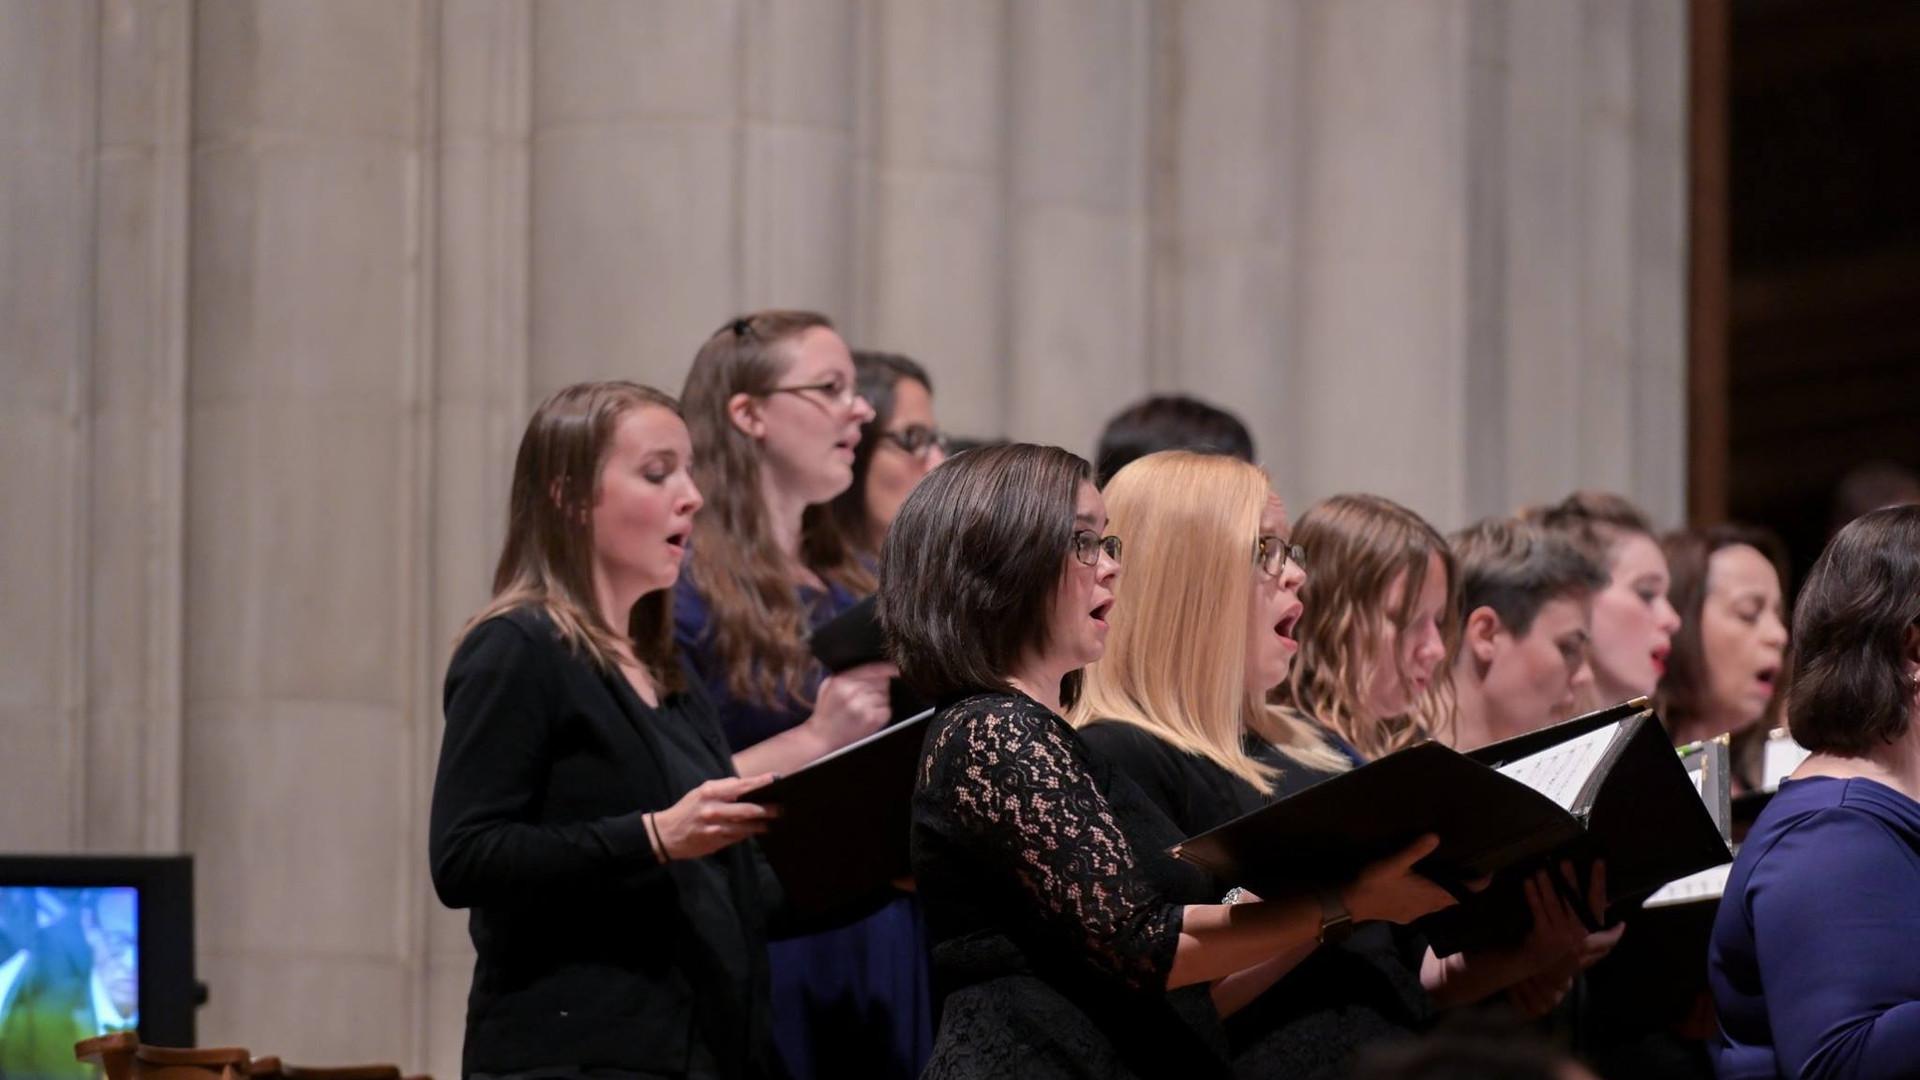 Alyssa Toepfer and Sarah Tannehill Anderson Kastalsky Requiem